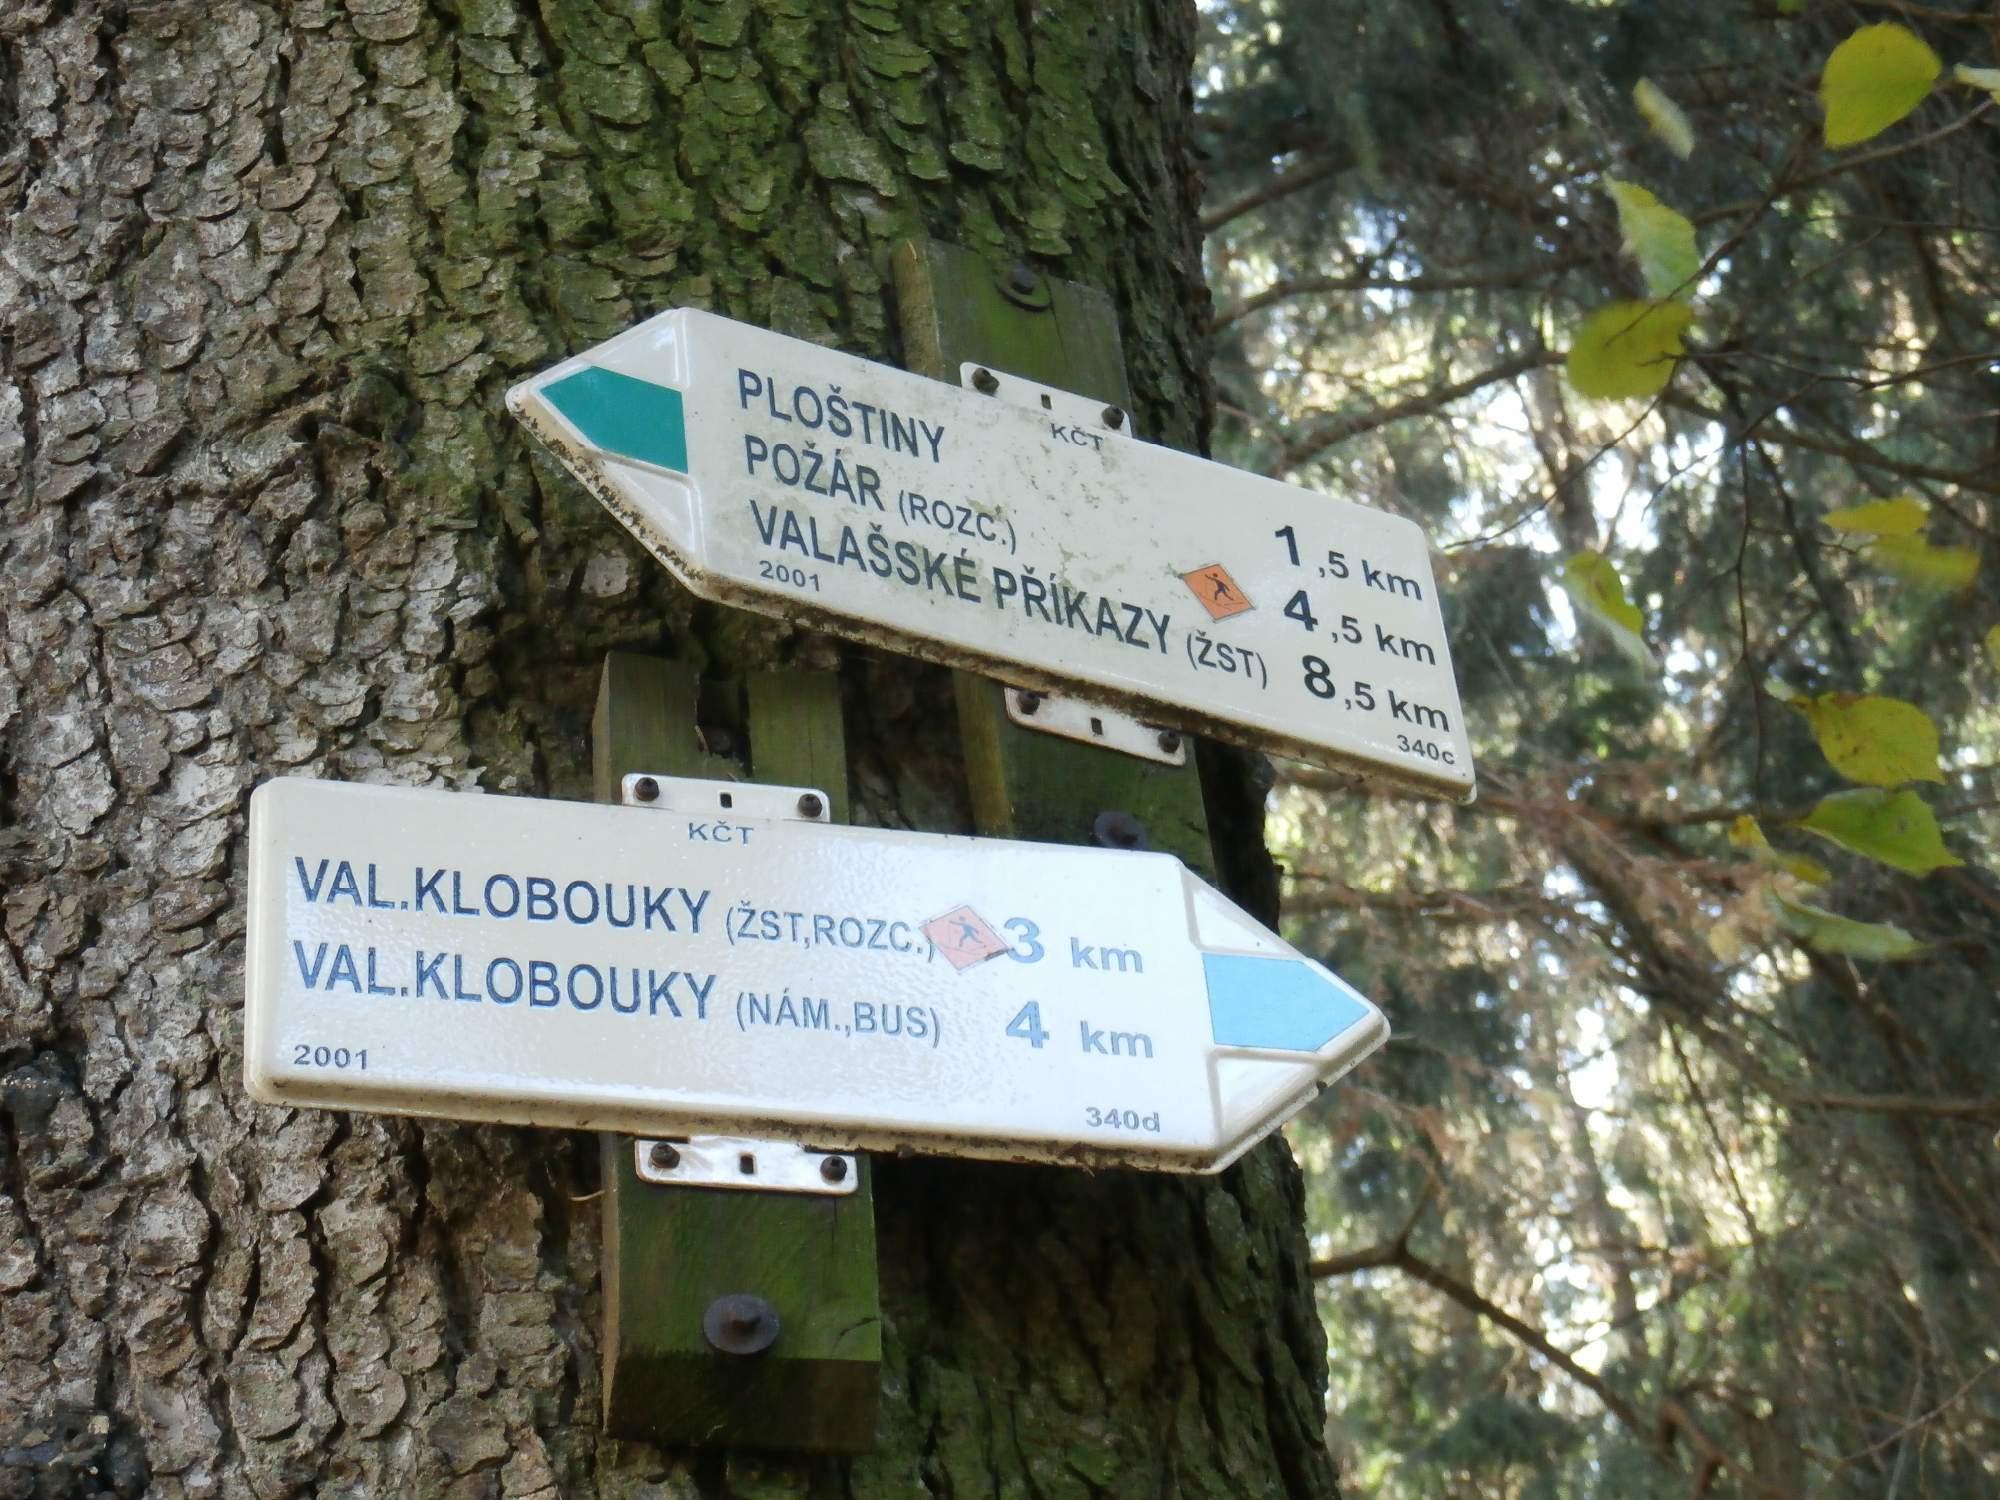 a994f87a532 Valašské Příkazy - Ploštiny - Královec - Valašské Klobouky (3 3 ...